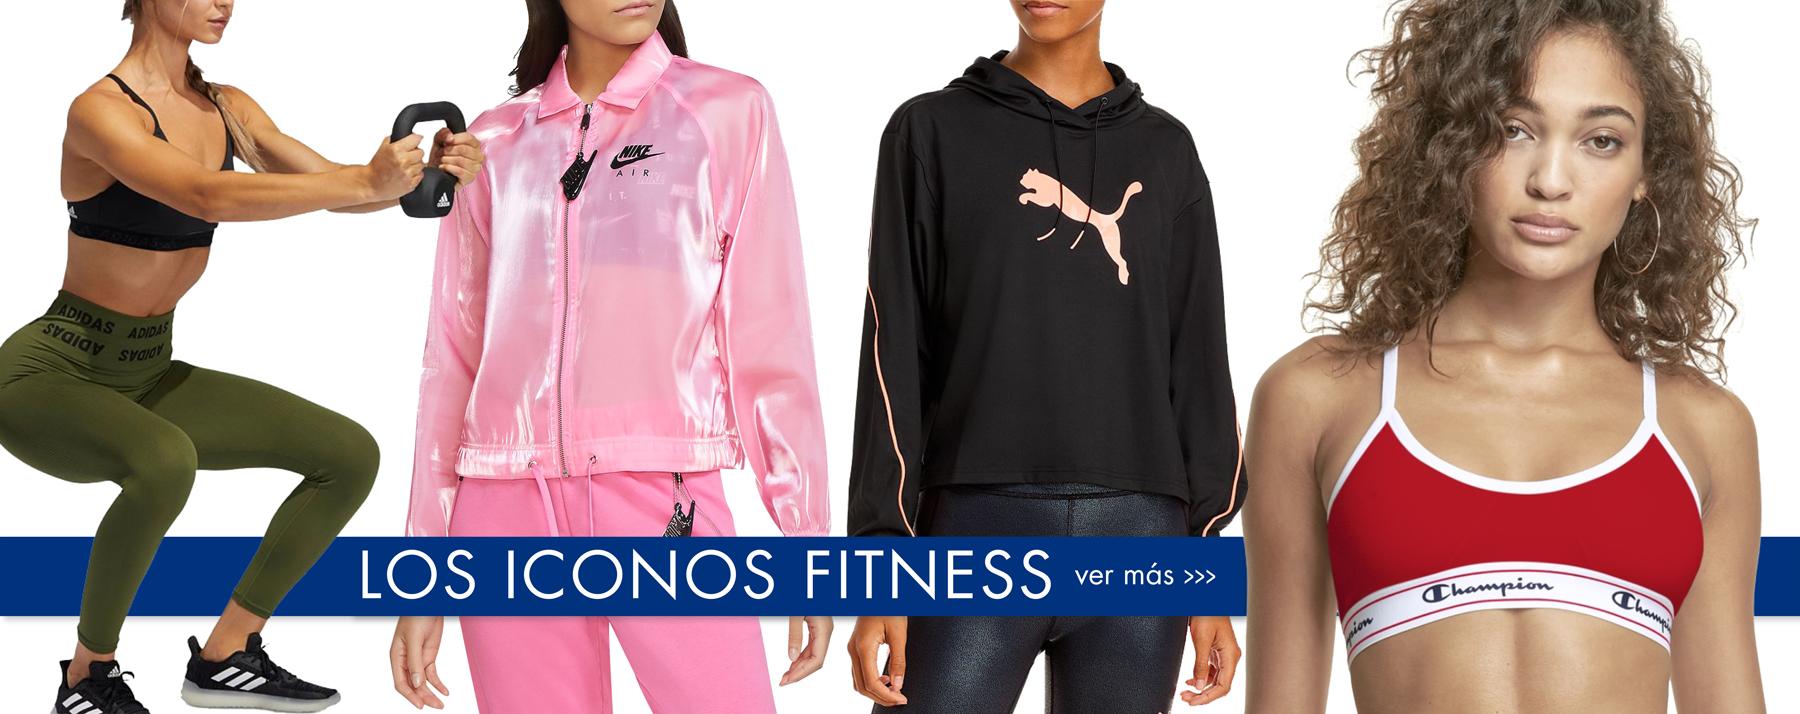 Iconos fitness x Hermosaz